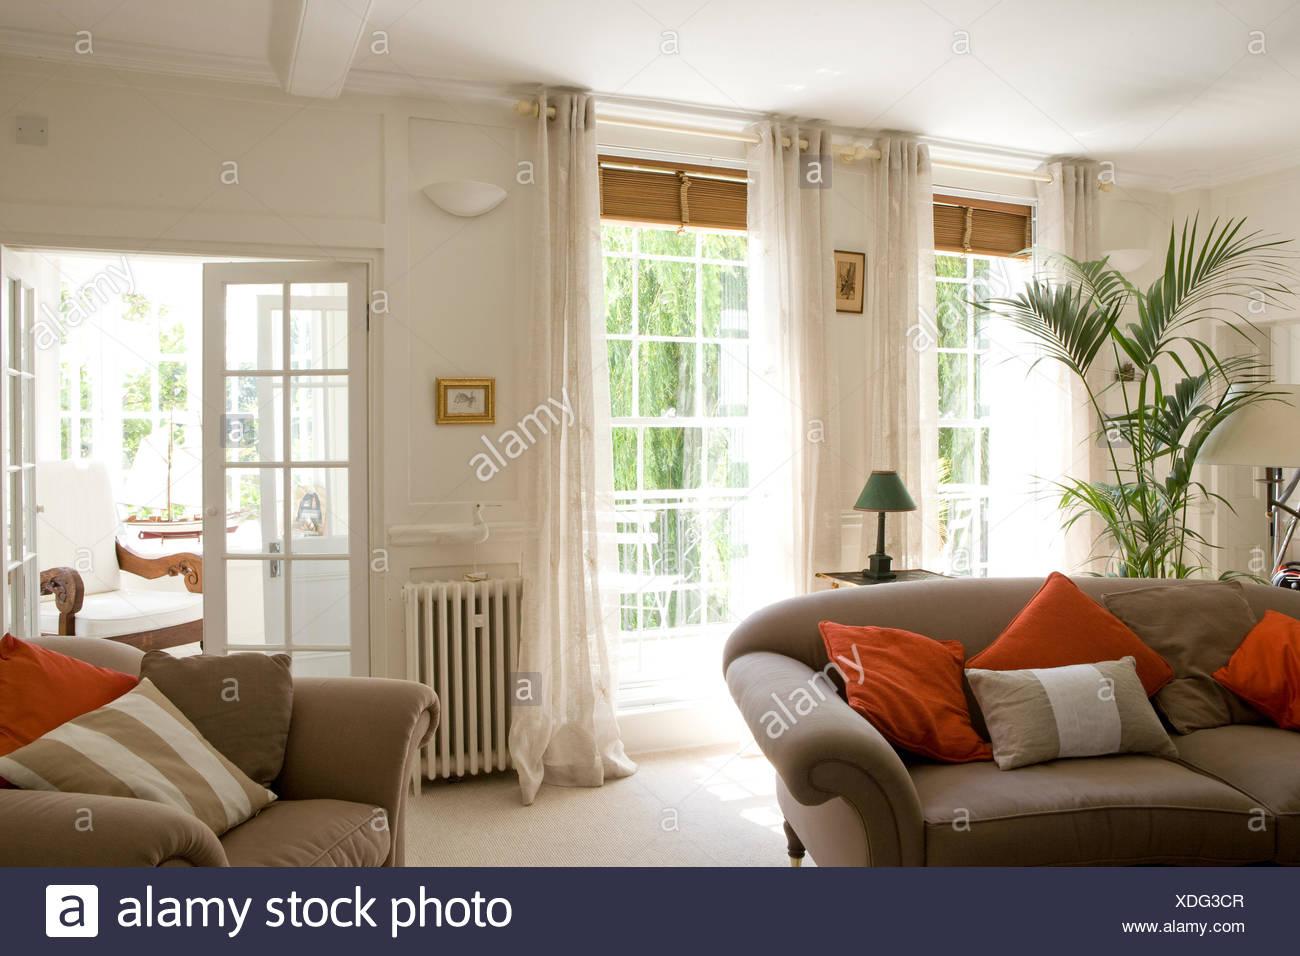 Wohnzimmer Kissen Amazing Wohnzimmer Dekorieren Weiss